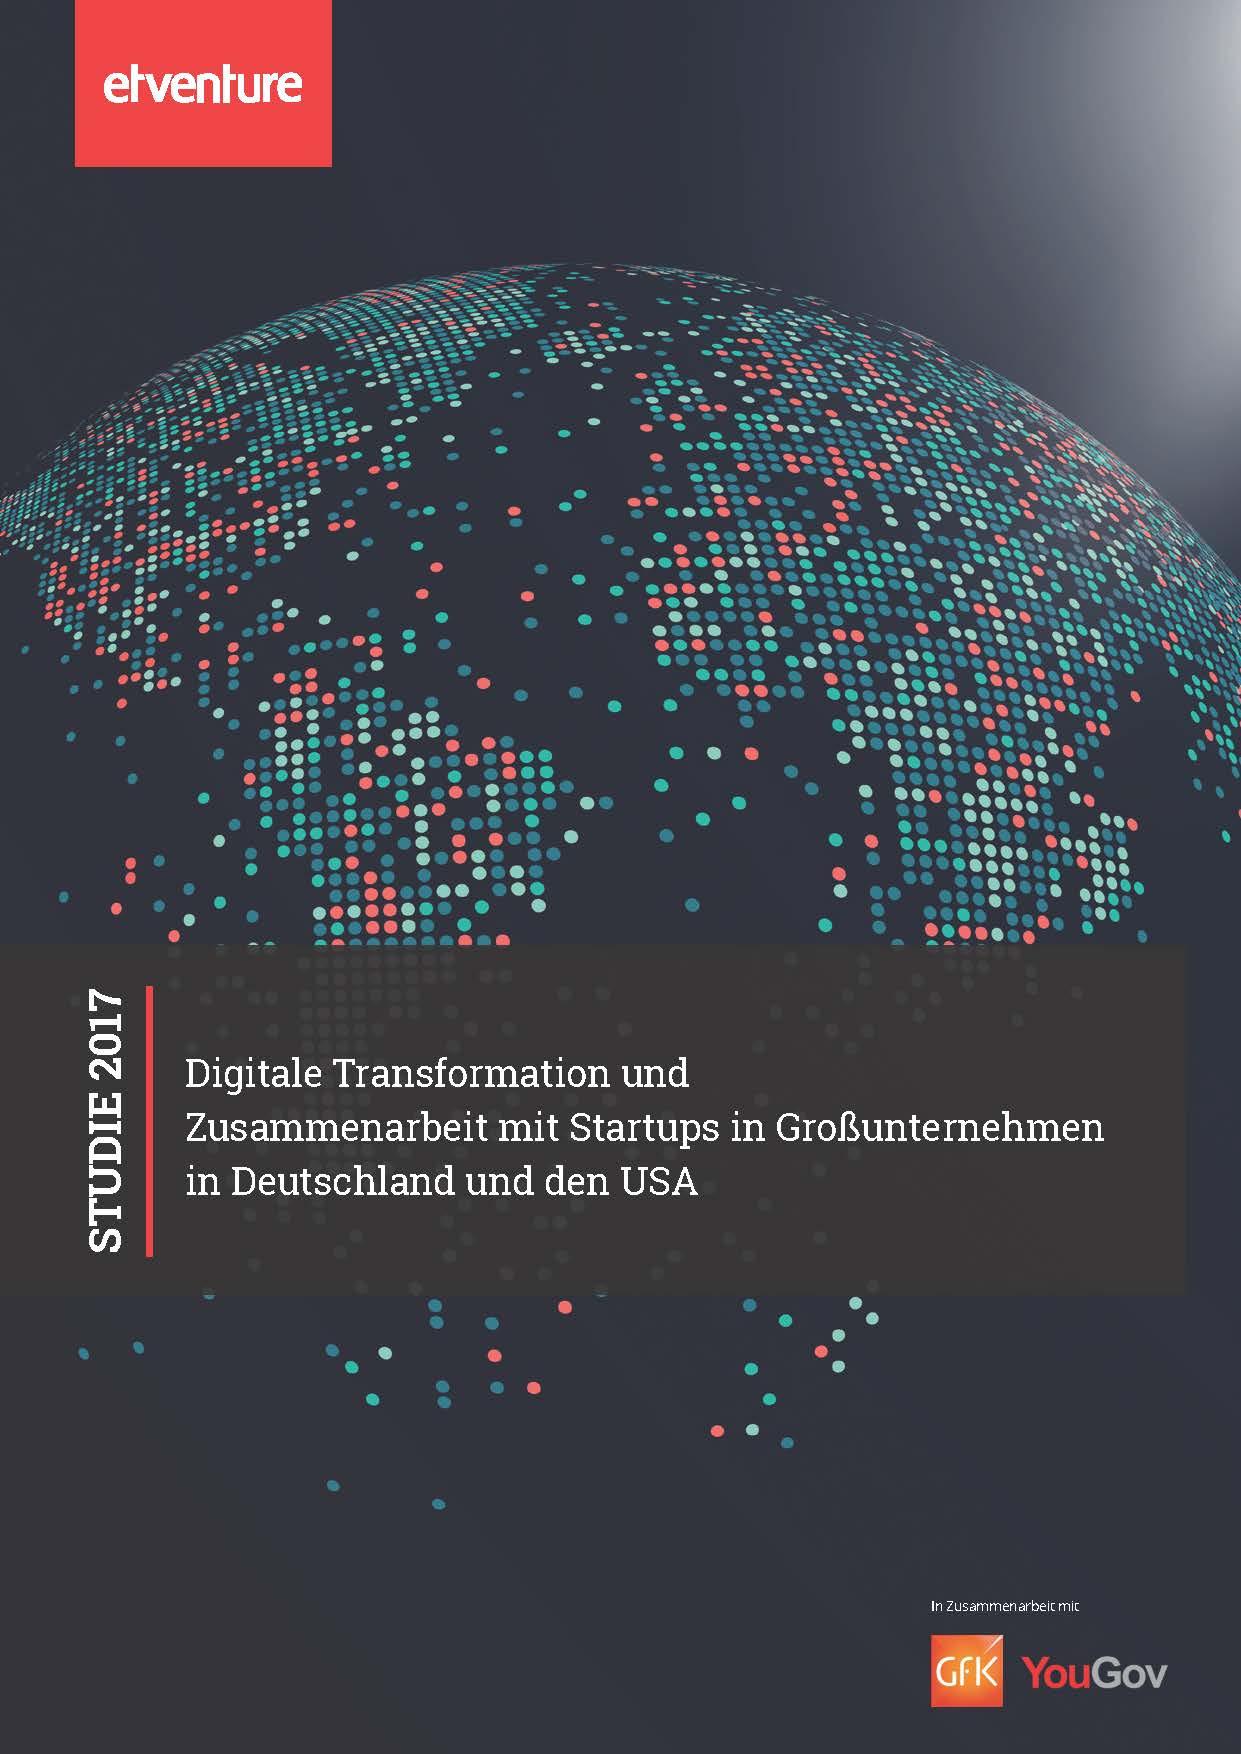 Digitale Transformation und Zusammenarbeit mit Startups in Großunternehmen in Deutschland und den USA